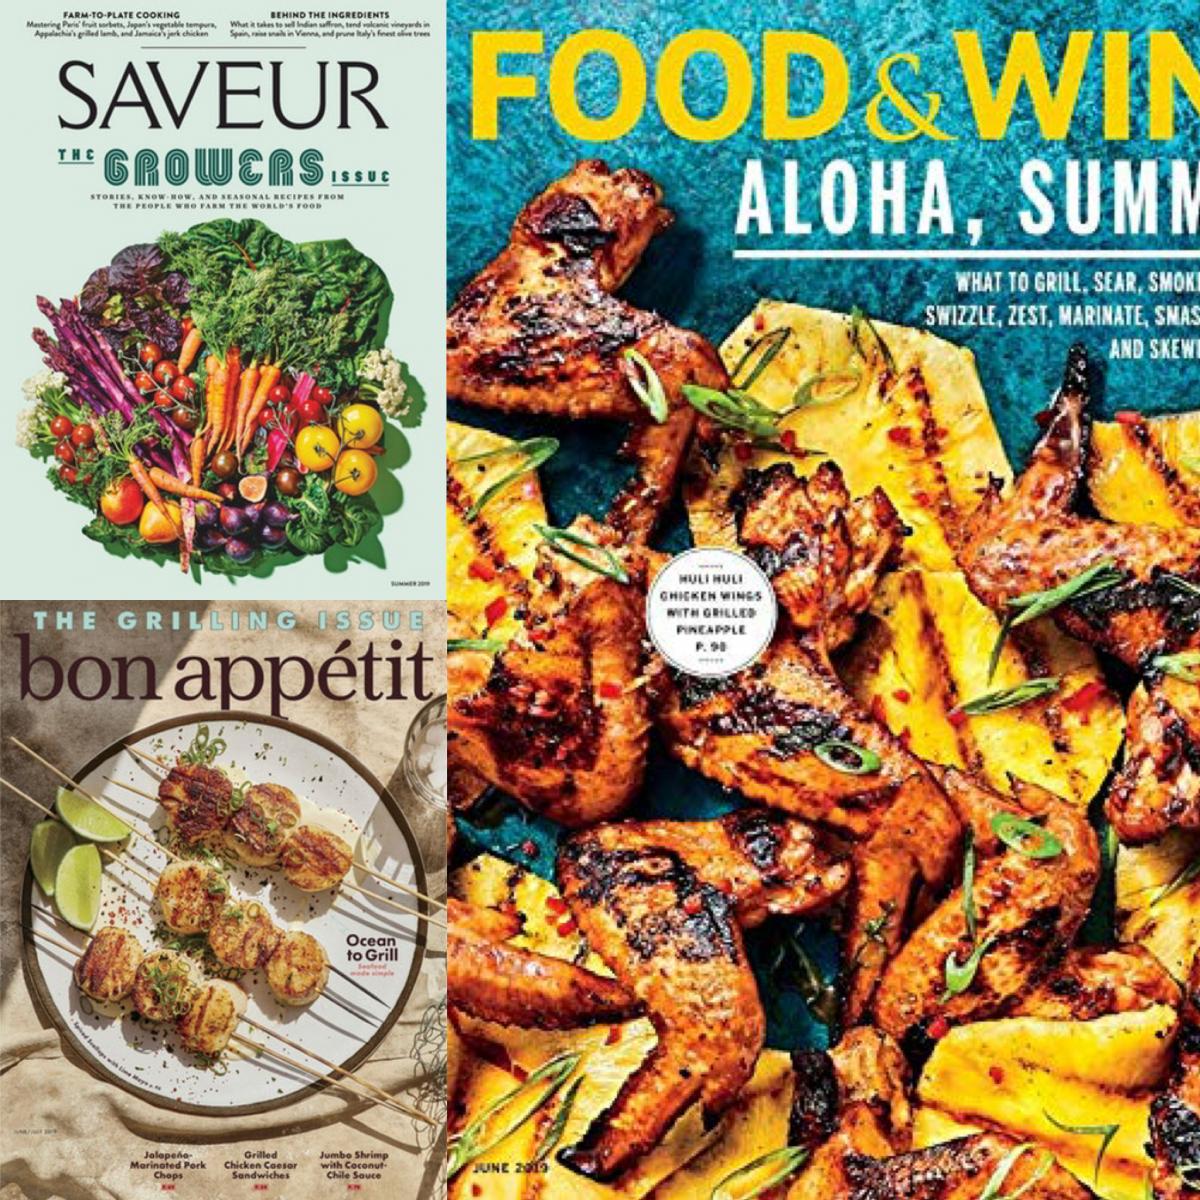 Foodmagazine aus den USA